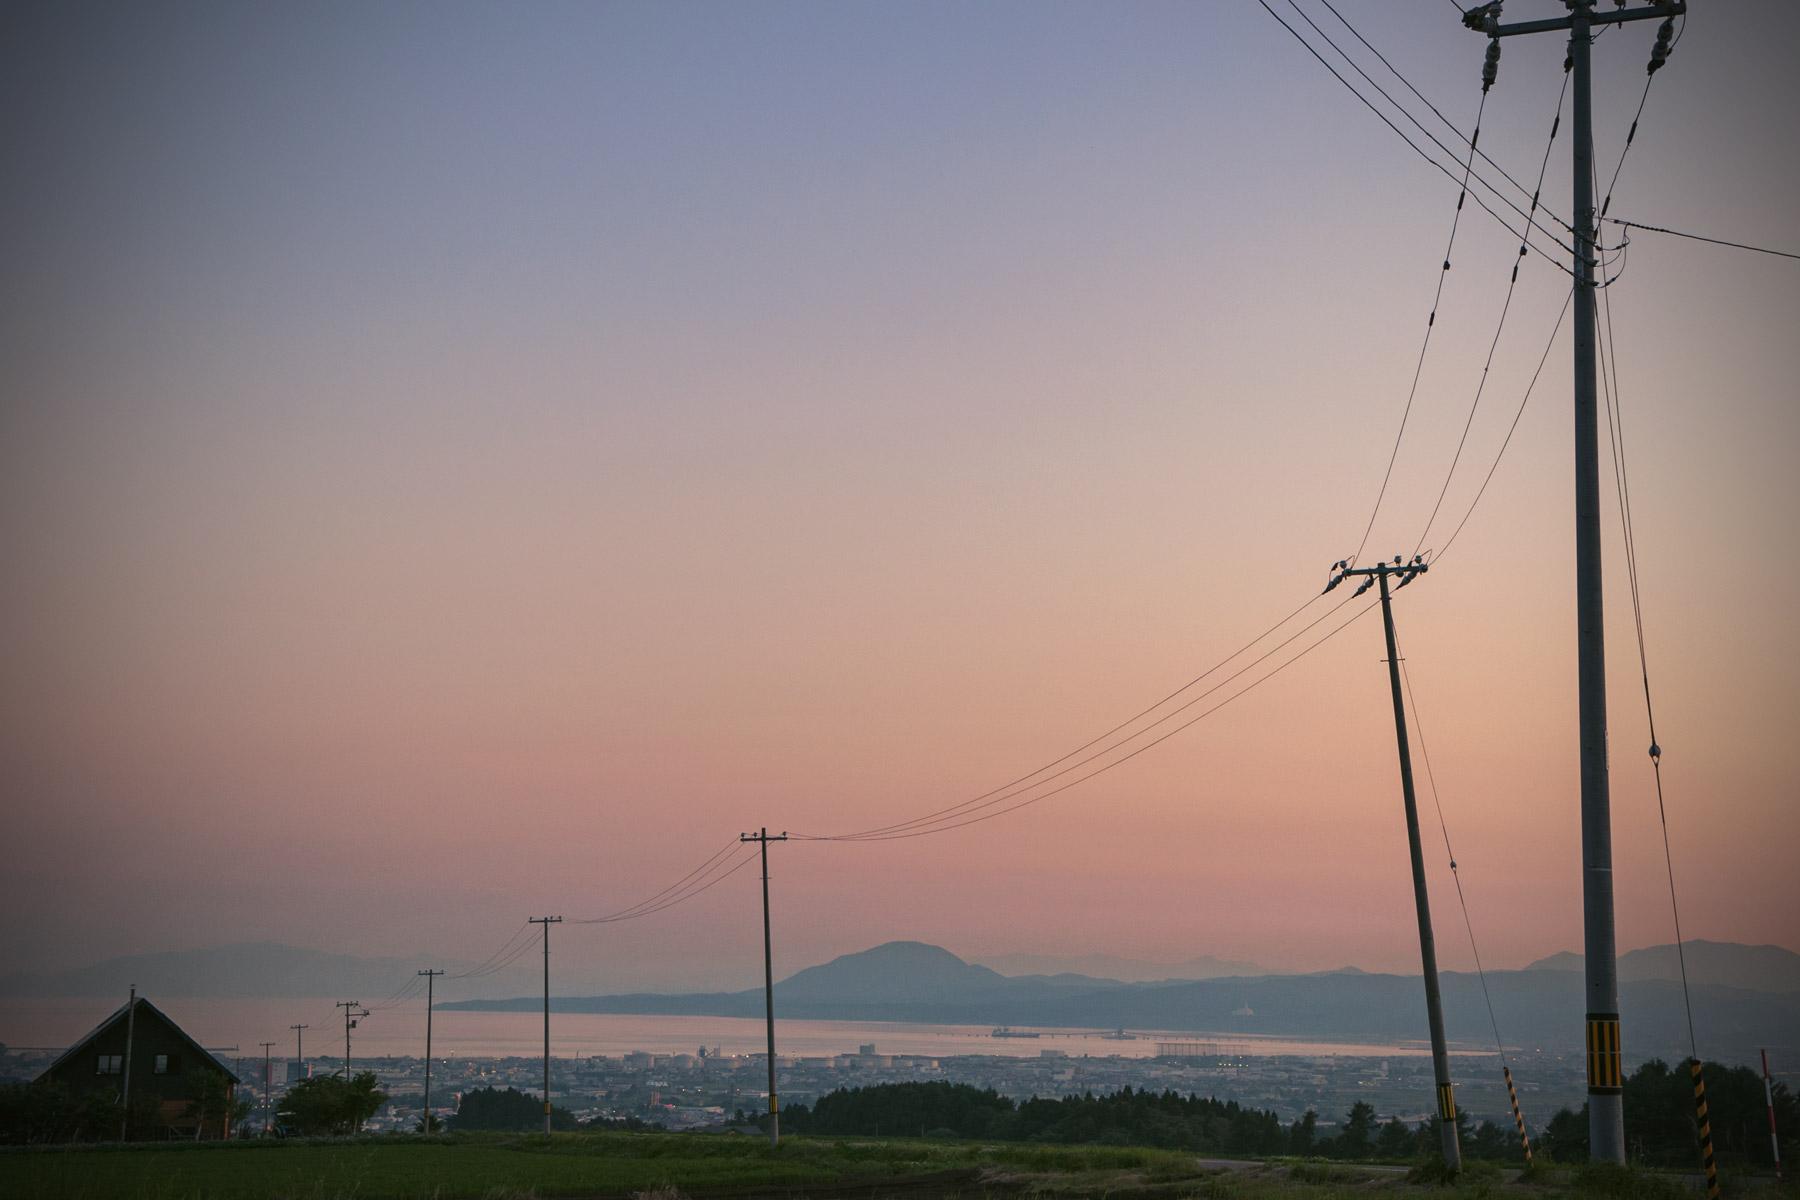 函館市亀田中野町「石川の丘」から眺める宵闇迫る函館湾 茜色の空に連なる電信柱のシルエットと海へ連なる一本の道